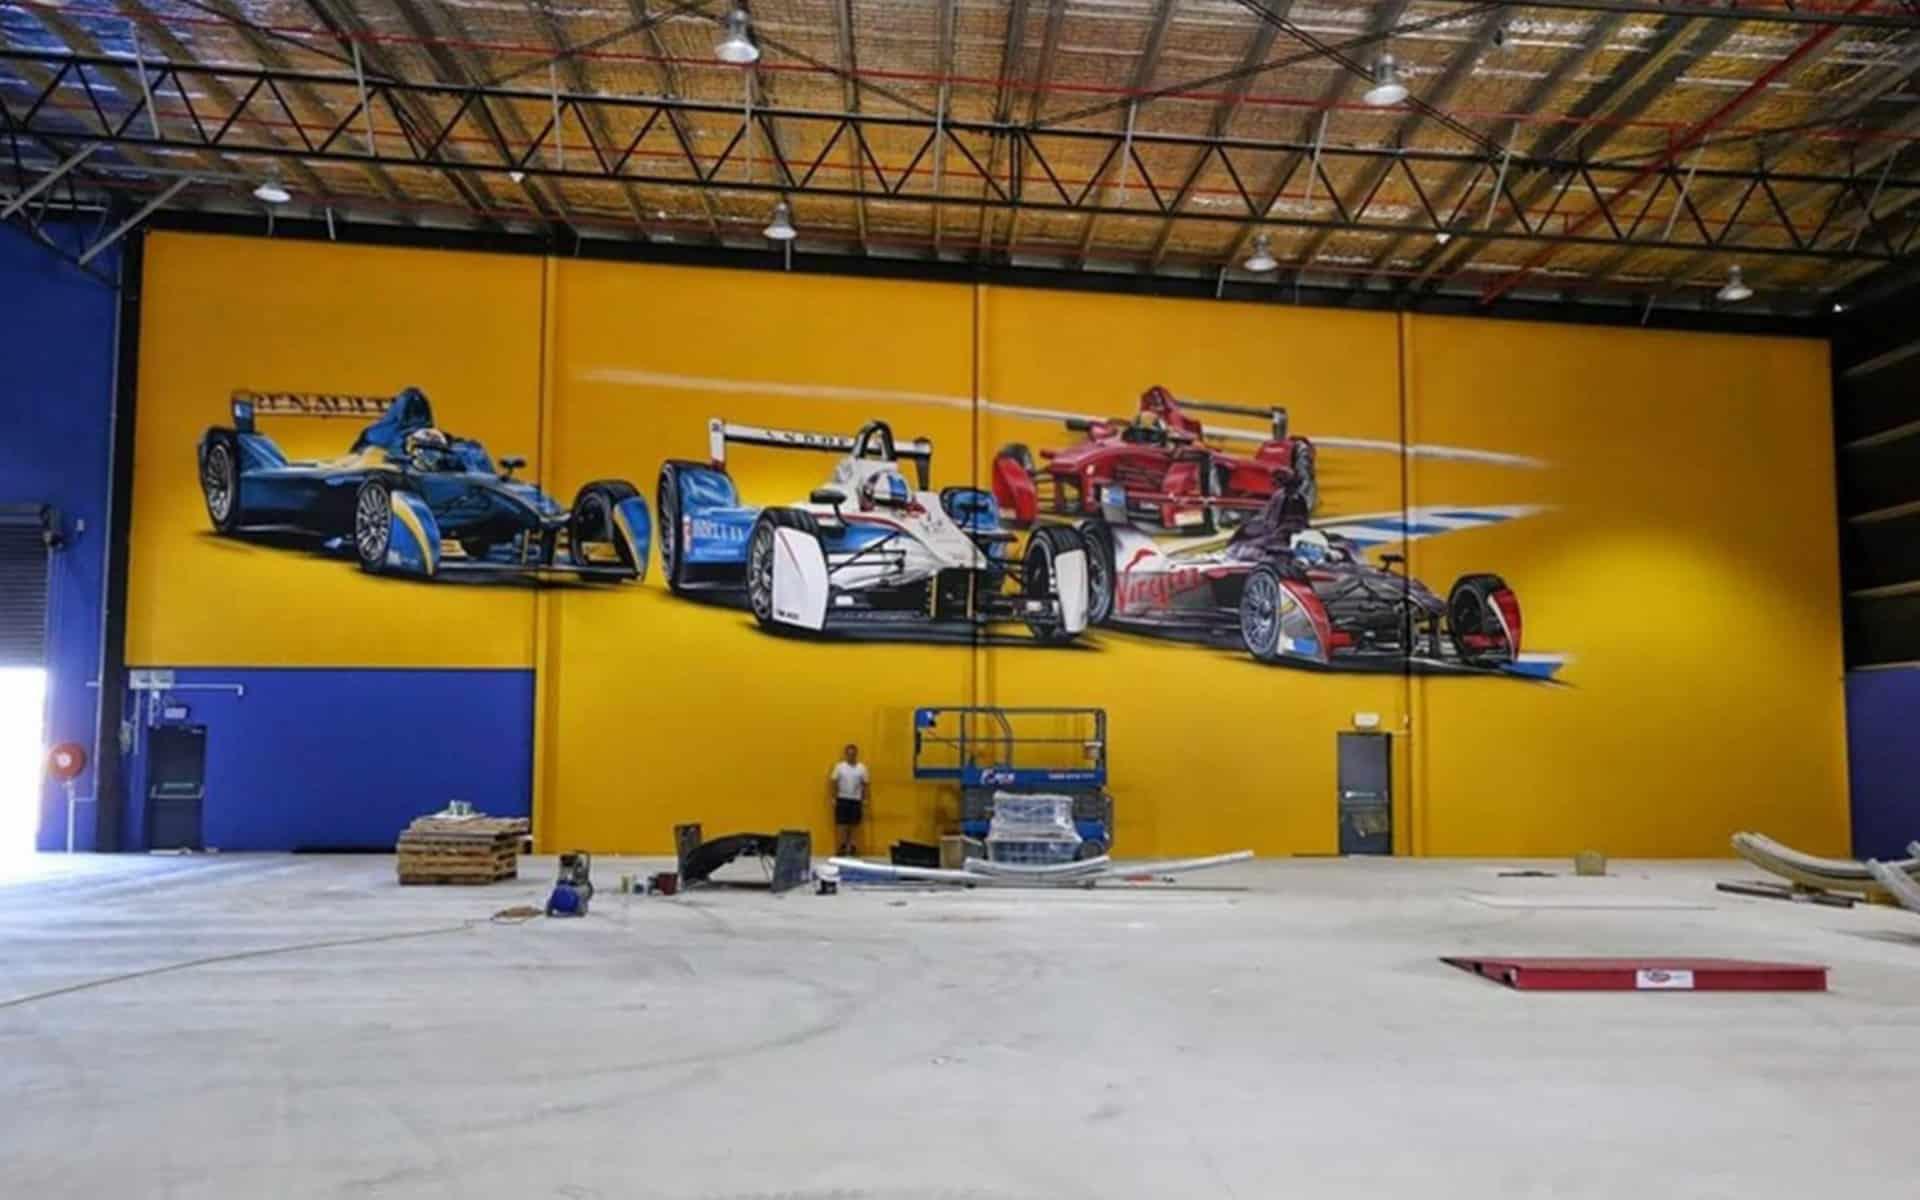 racing-mural-gary-drew